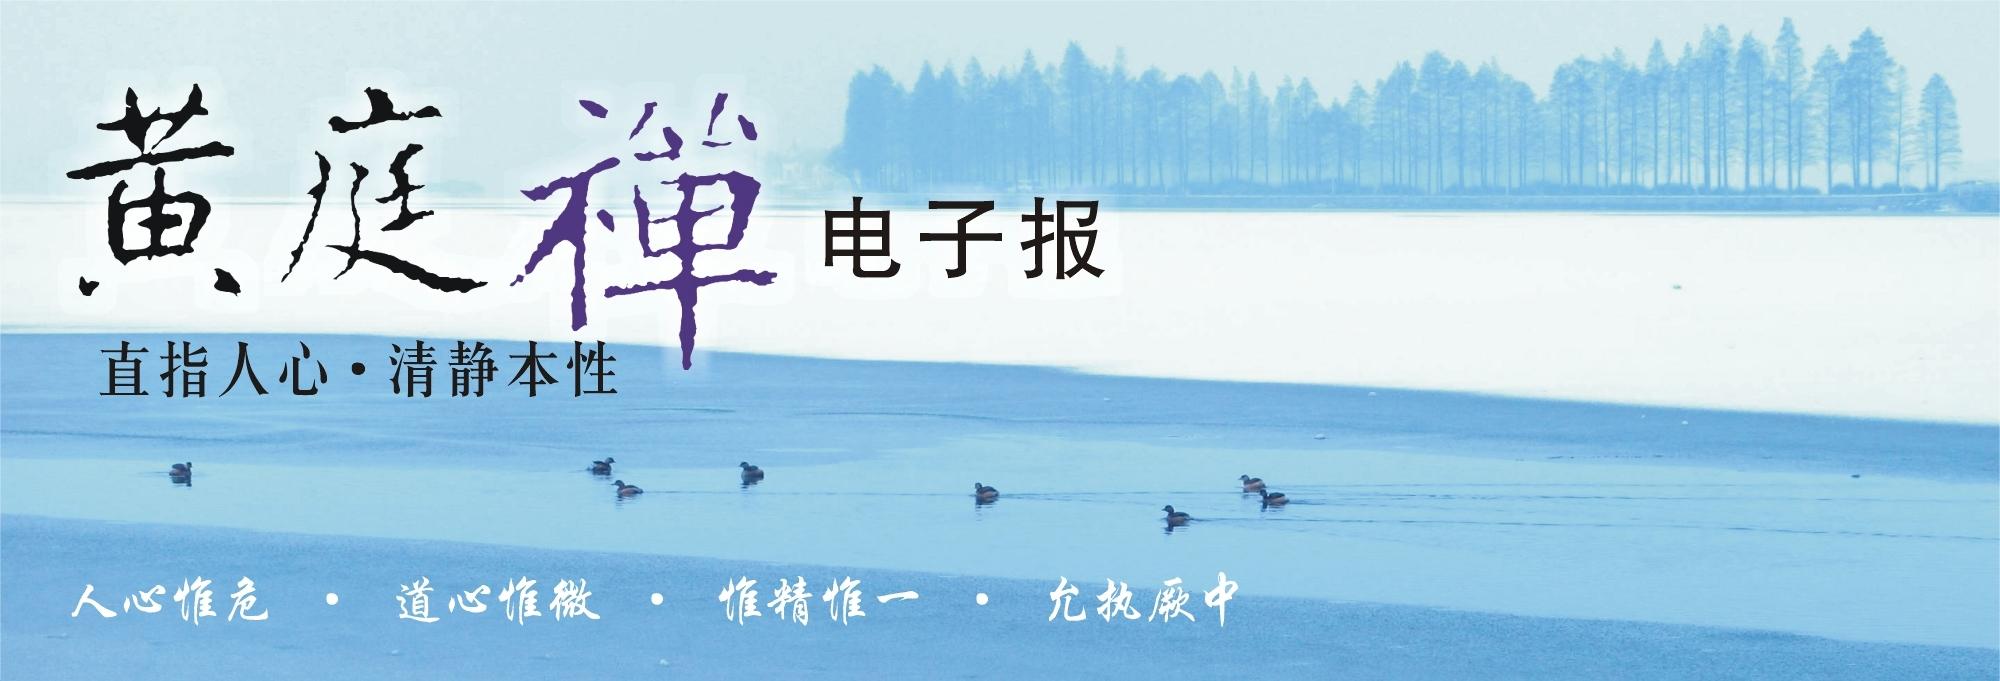 中华黄庭禅学会2016.11.01电子报